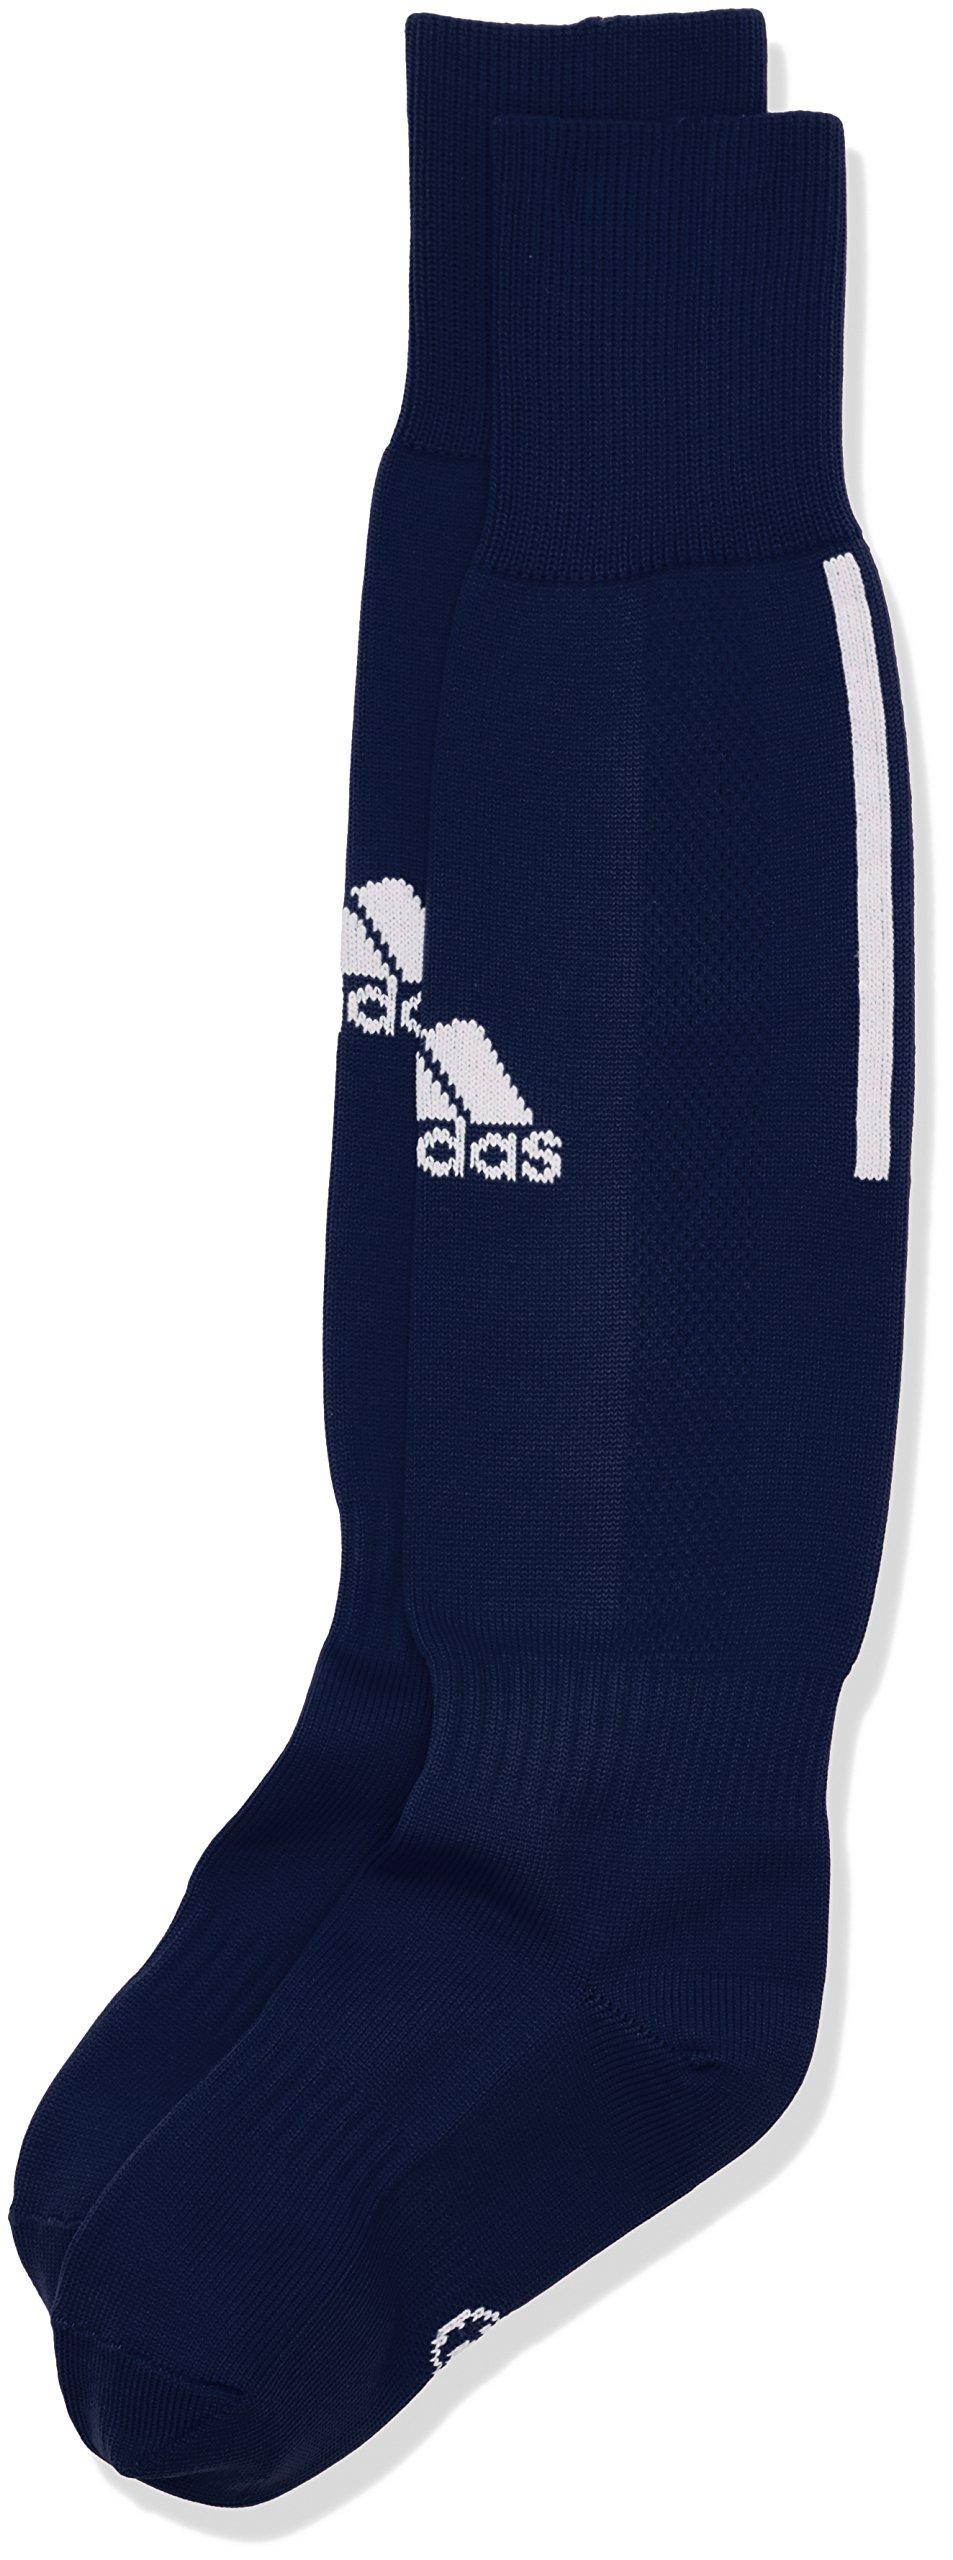 adidas Santos 3-Stripe - Calcetines de fútbol para hombre product image